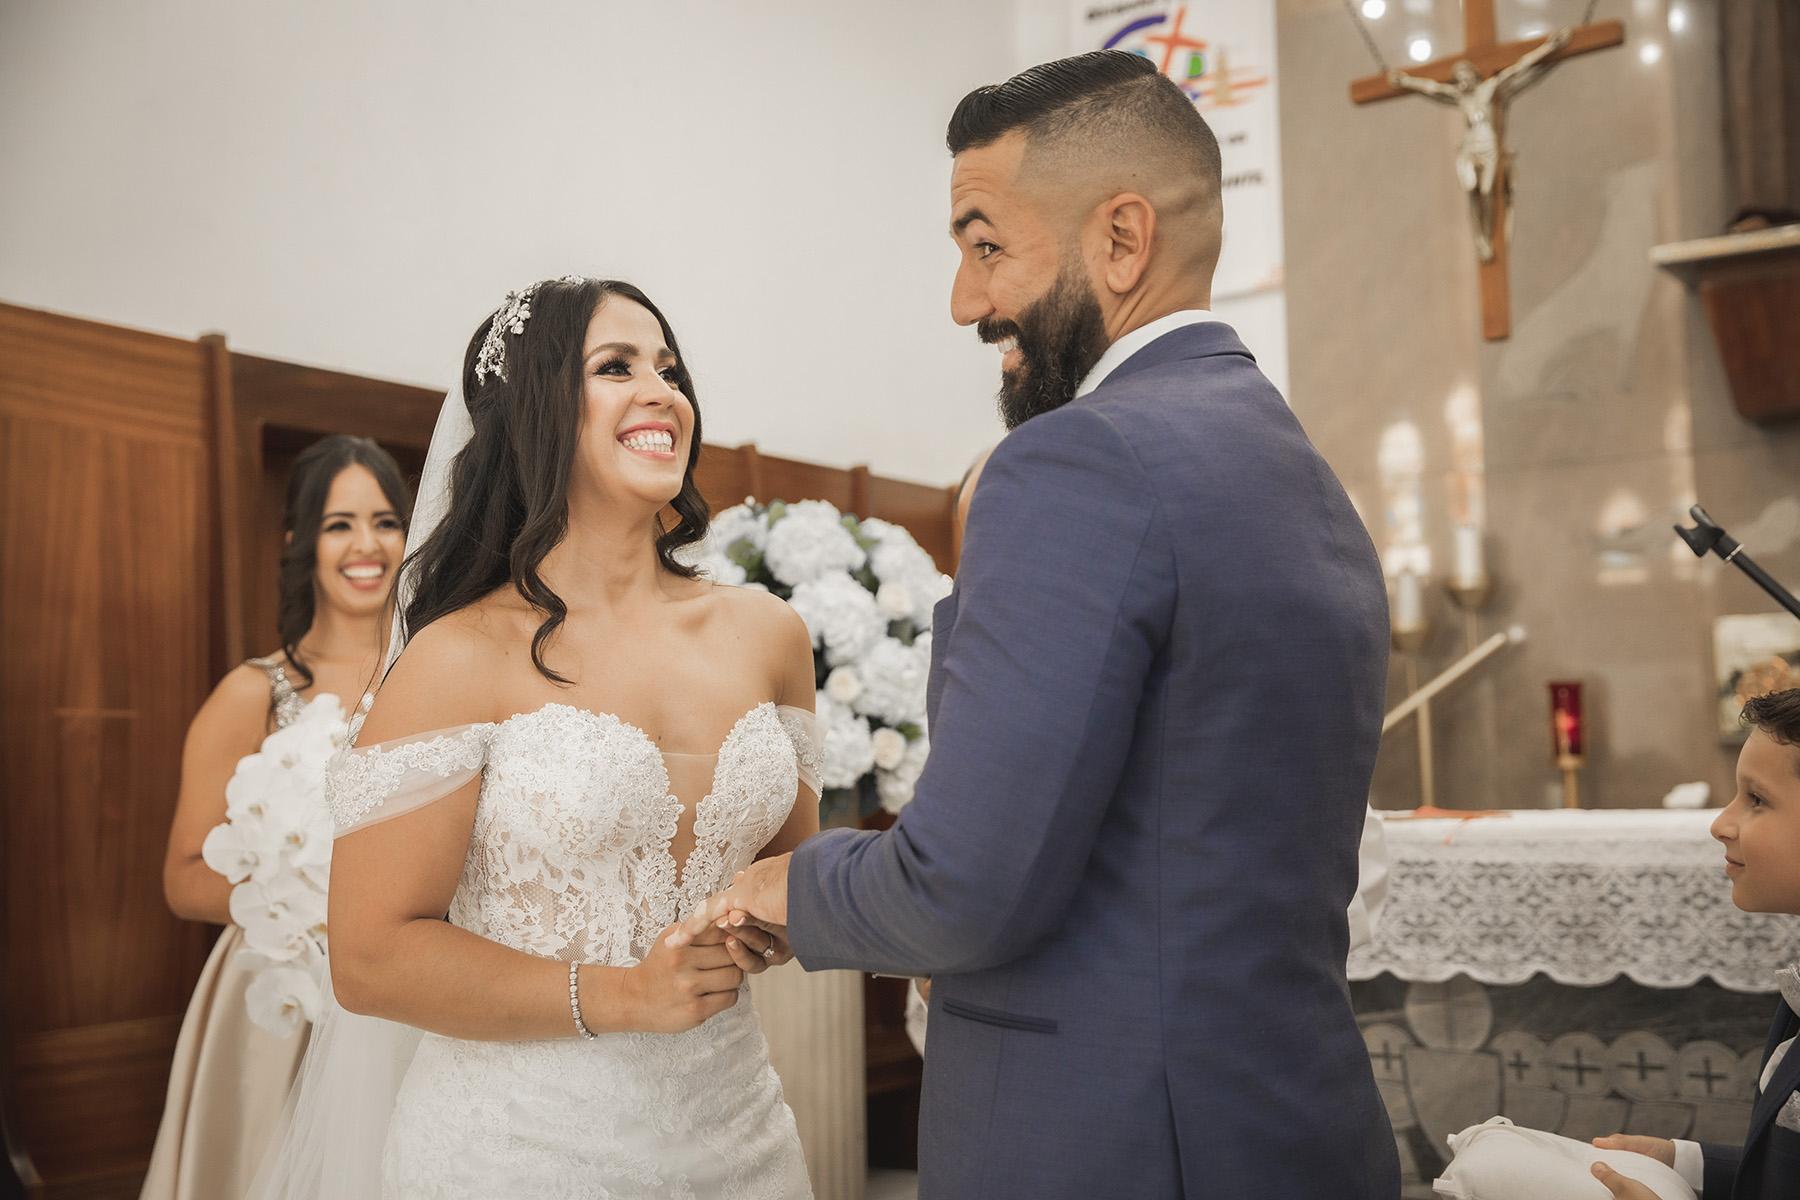 Un momento jocoso durante la ceremonia en la Parroquia San Francisco de Asís, Aguada. Fotografía Wedding Mafia.